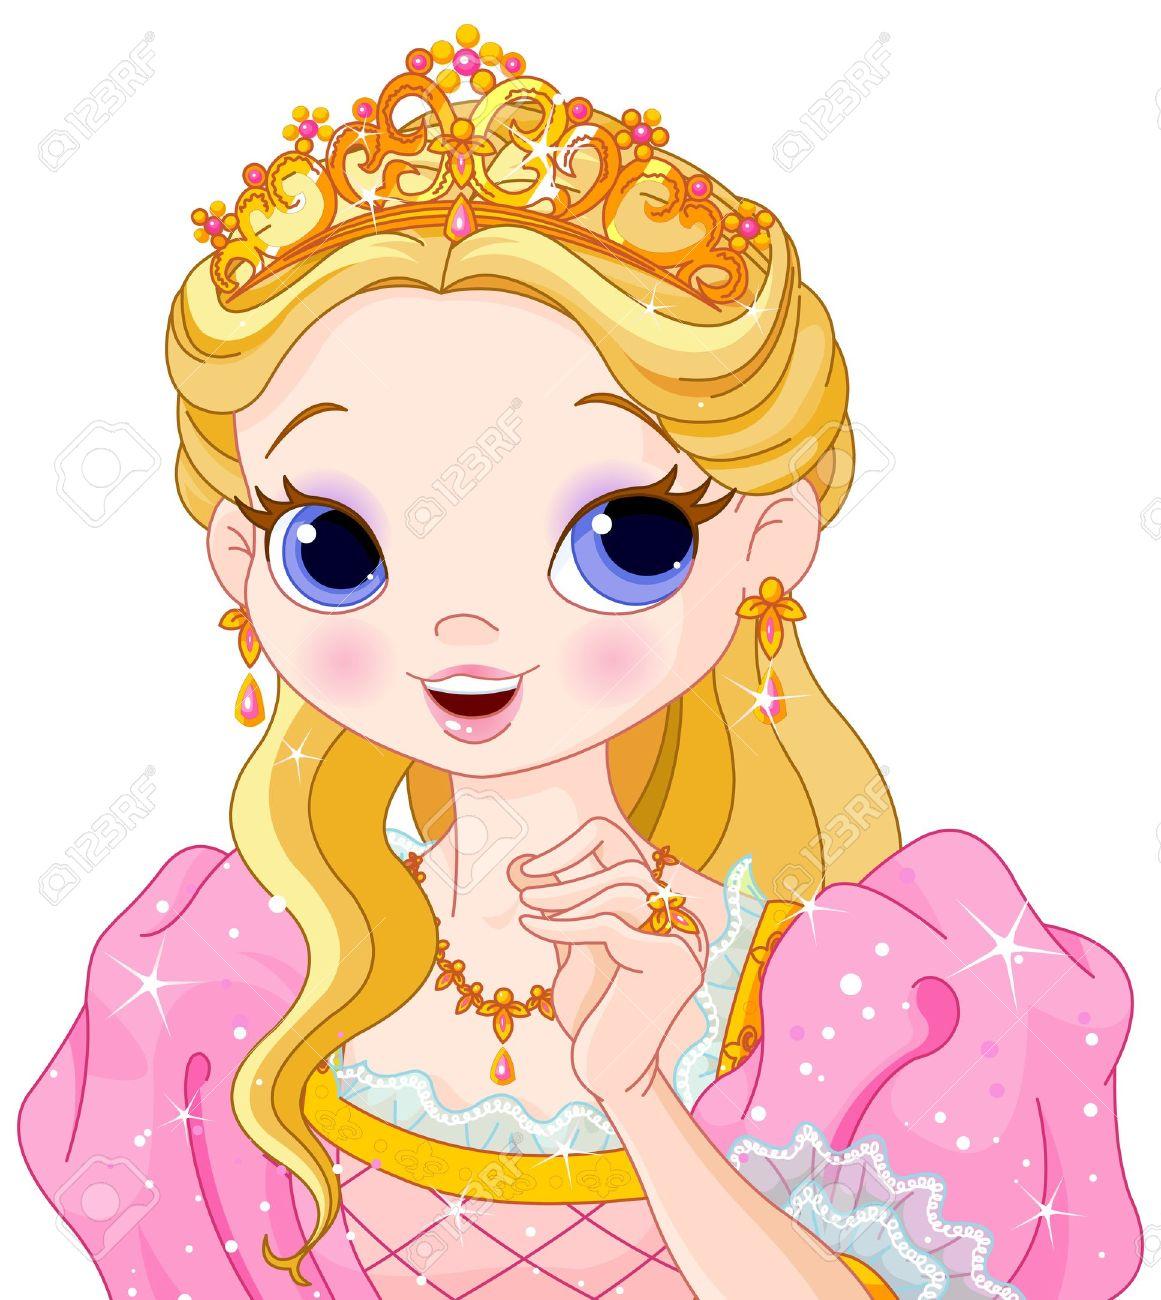 Illustration of beautiful fairytale princess - 19095819